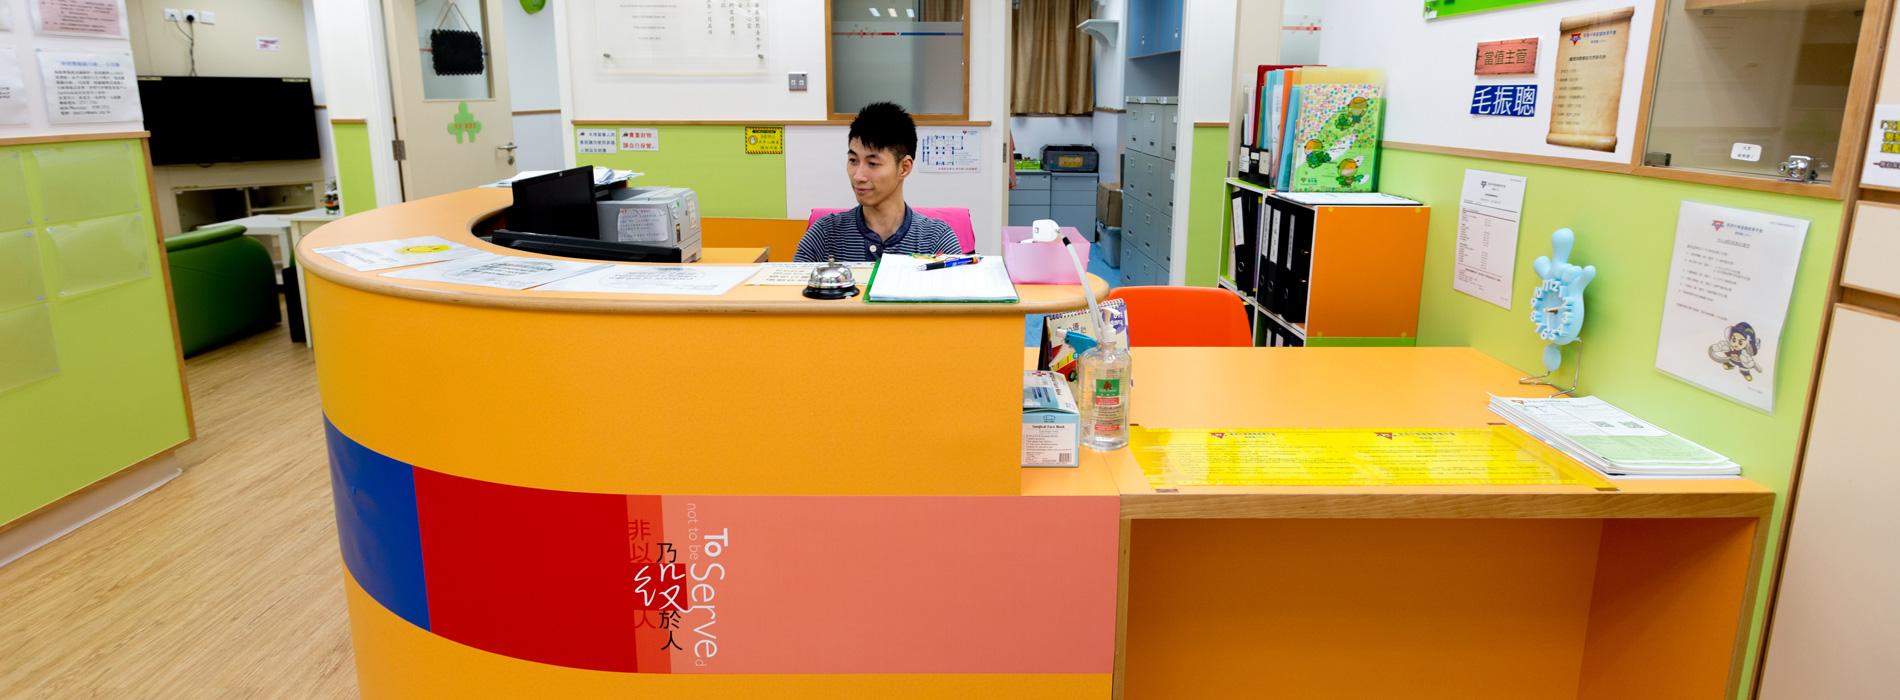 聯青聾人中心服務介紹圖片